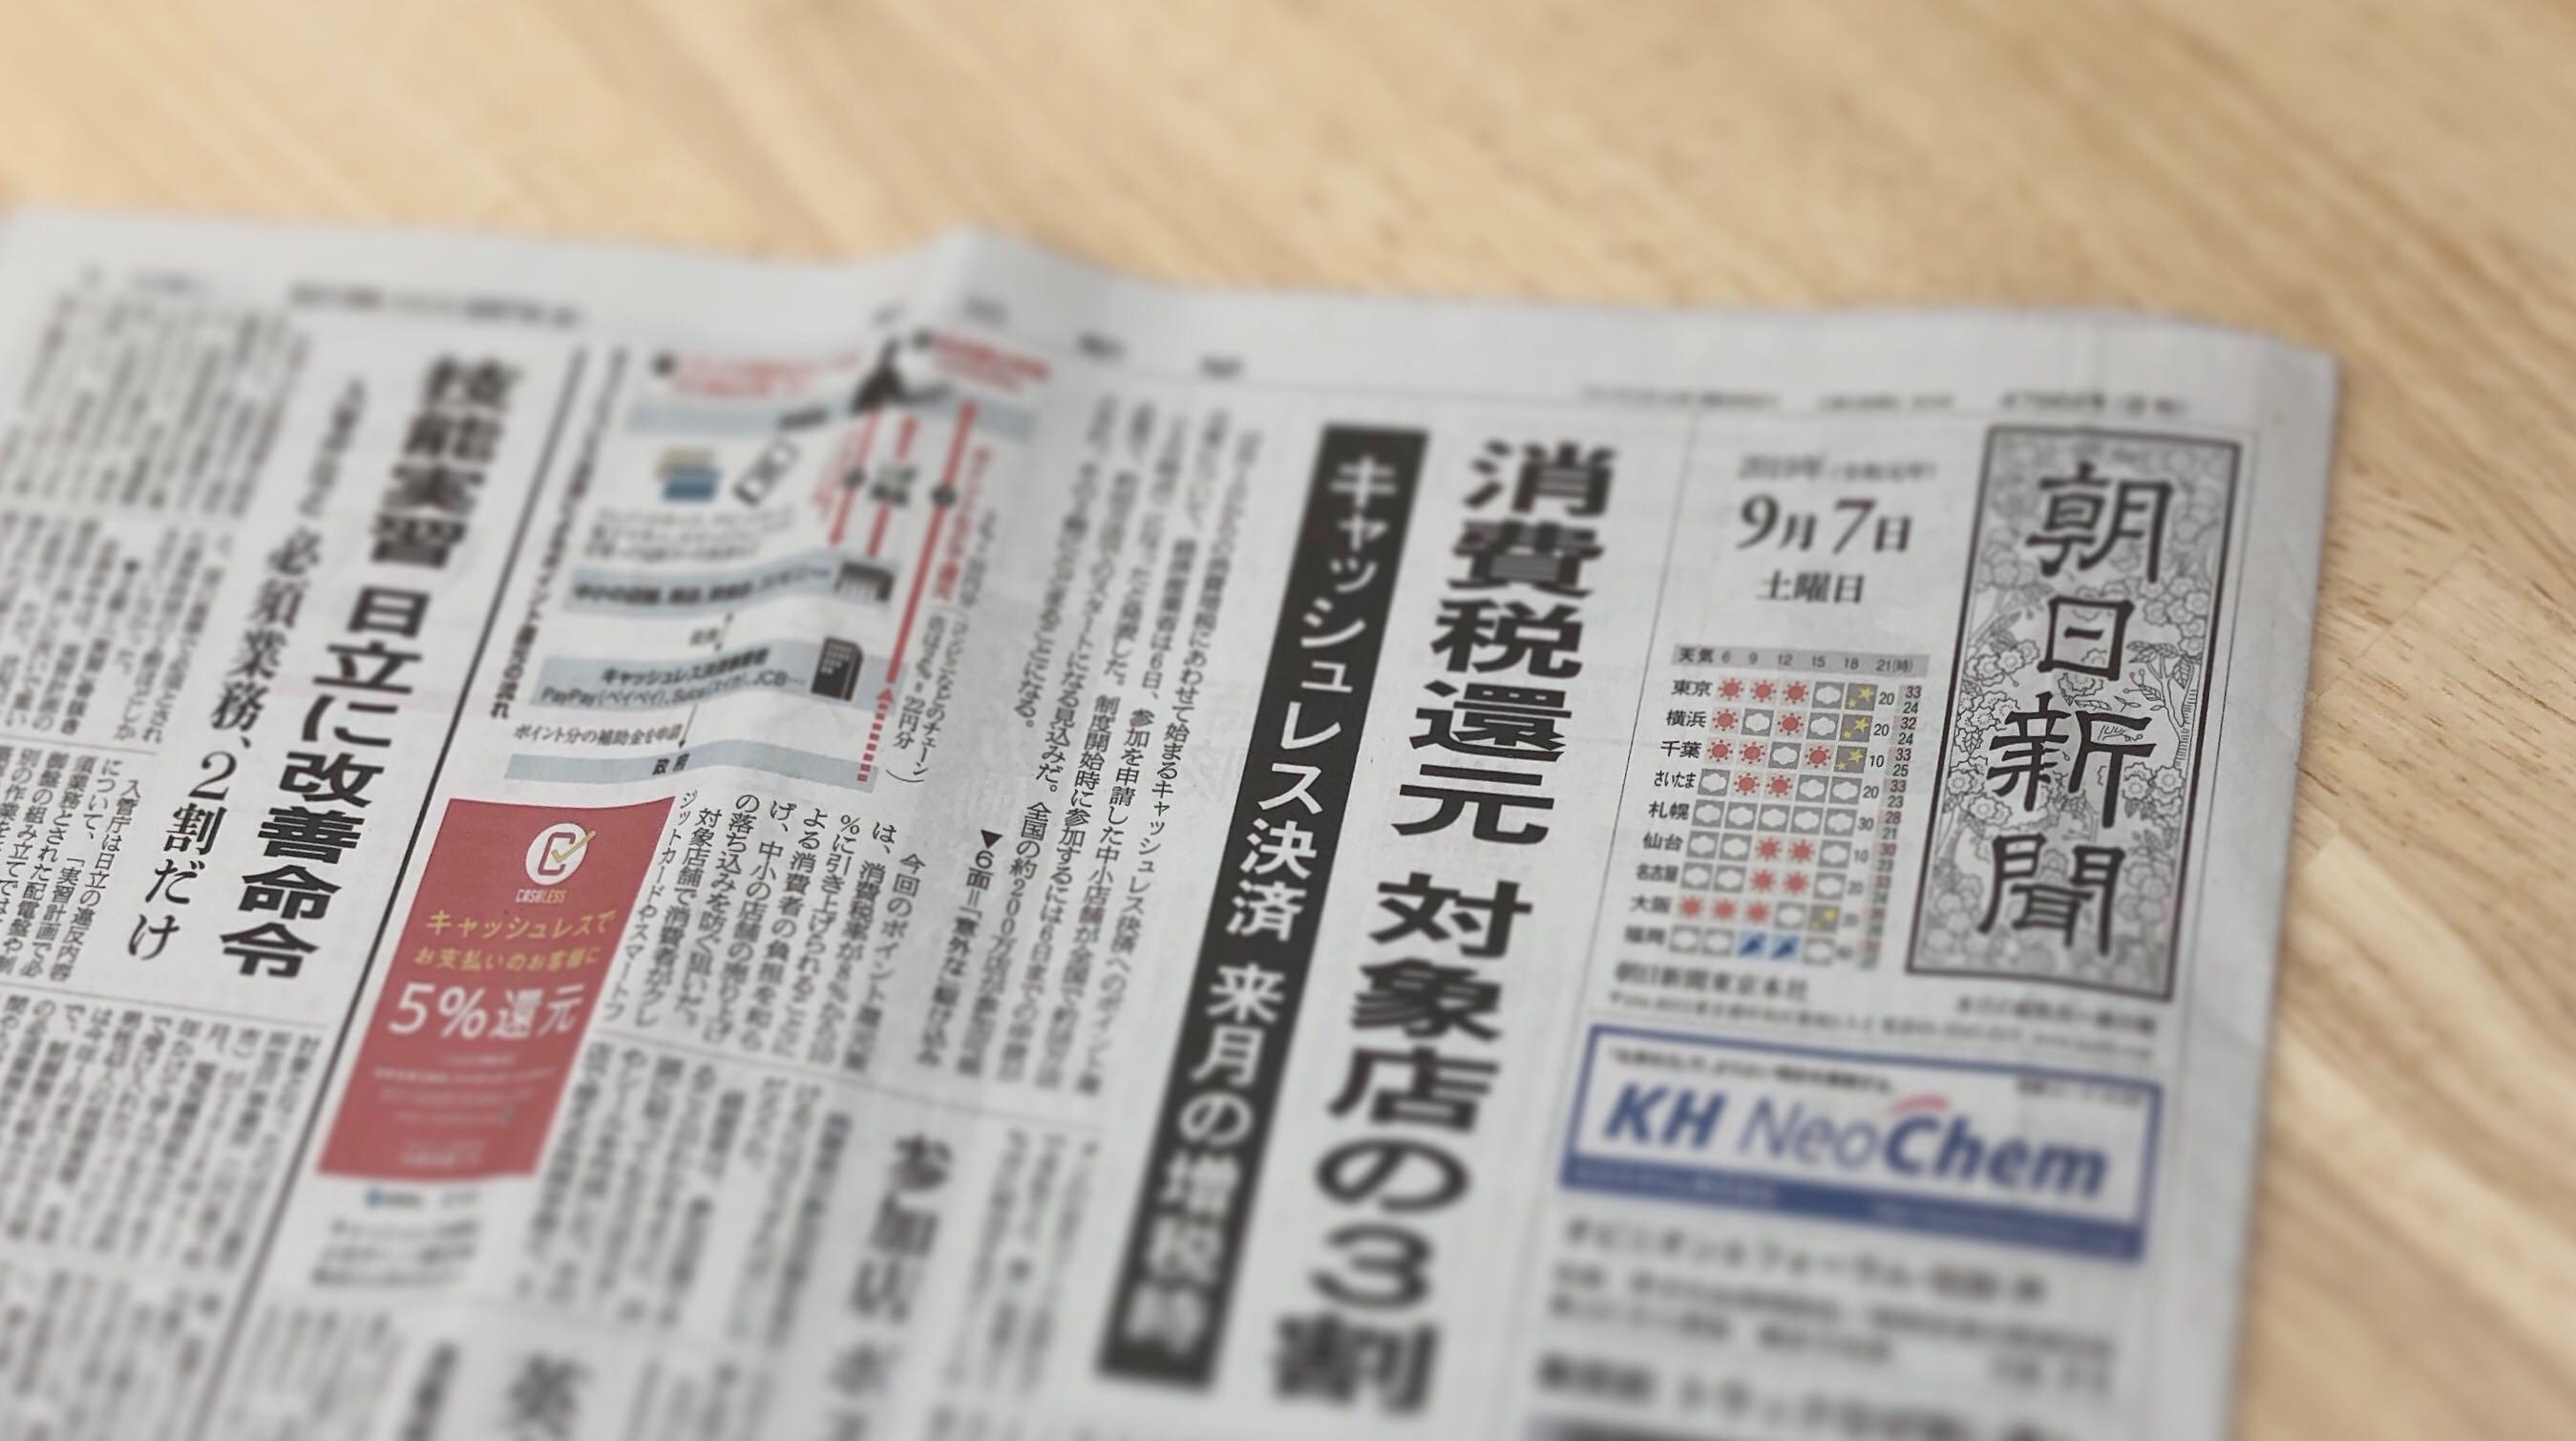 朝日新聞に Zaim が紹介